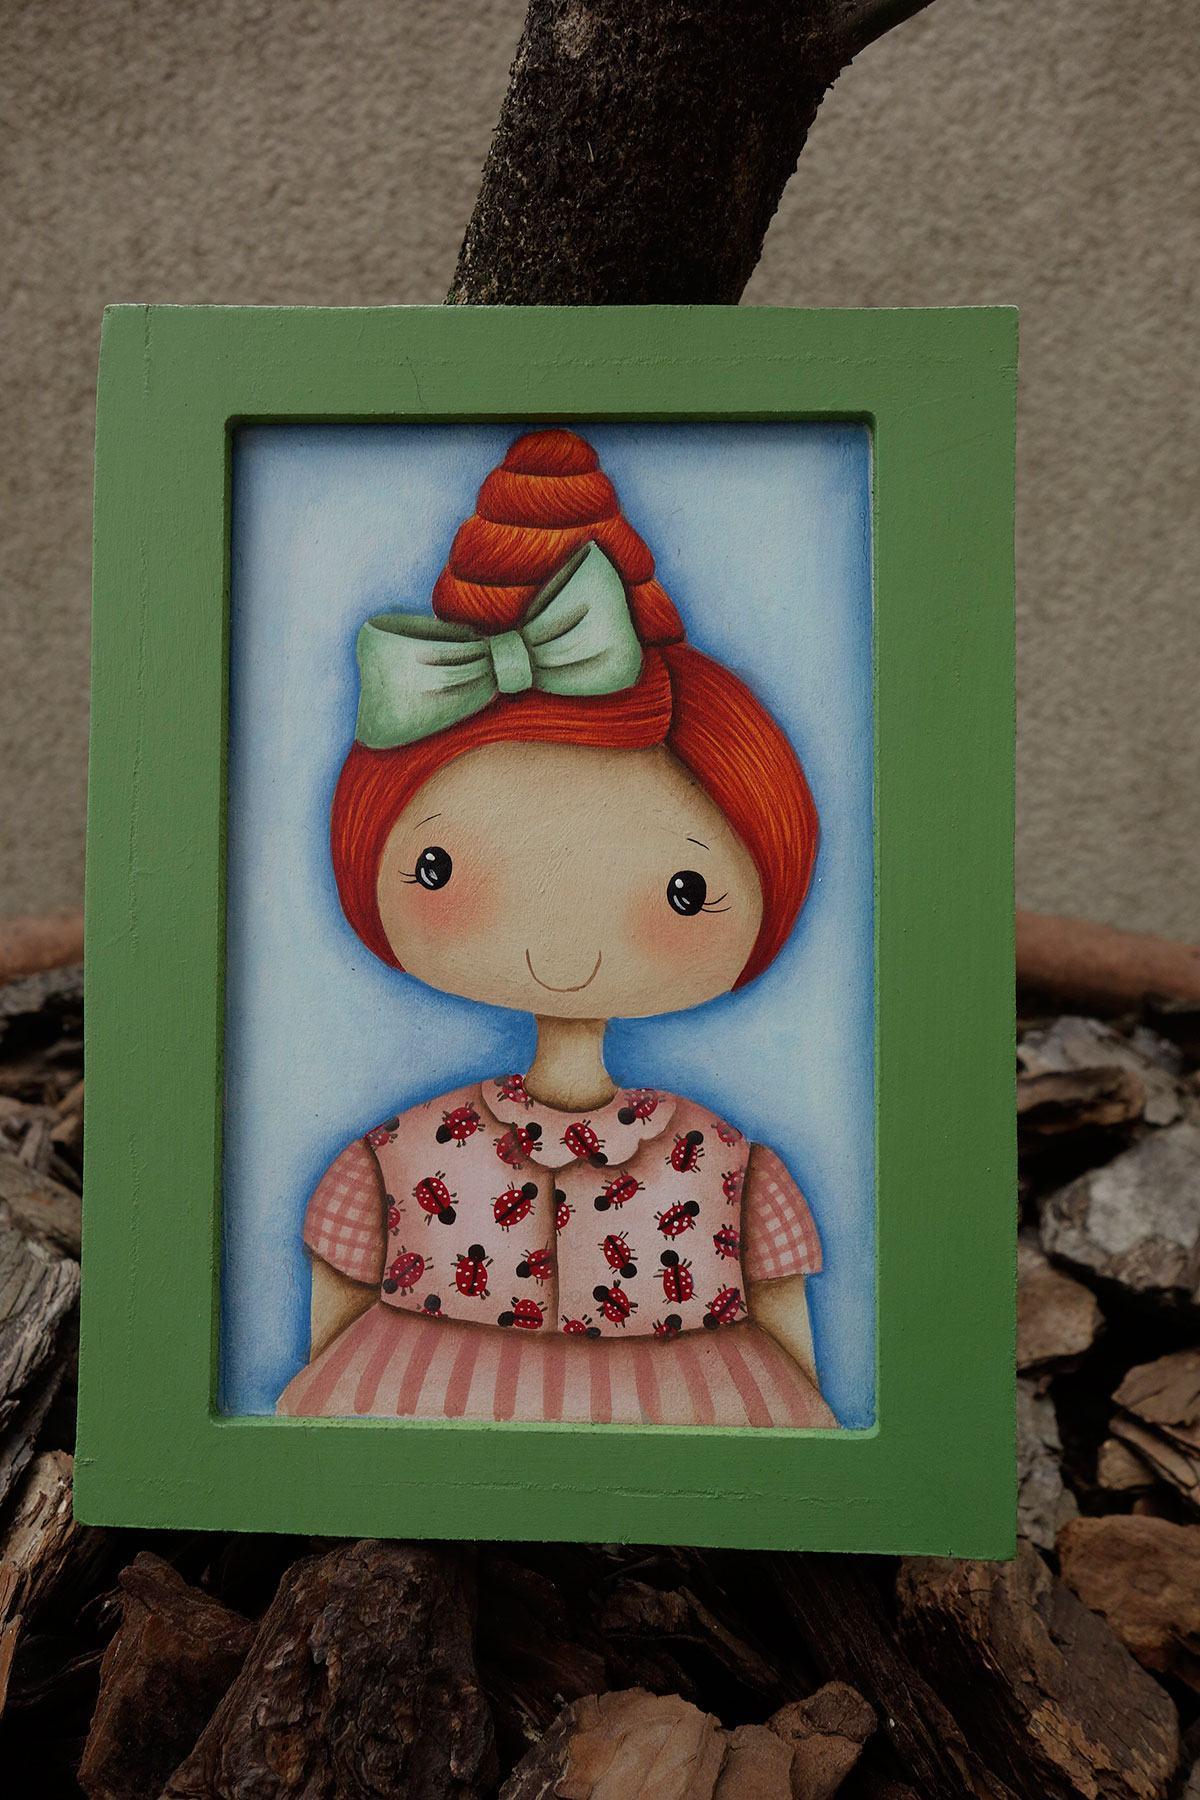 Porta retrato colorido com personagem